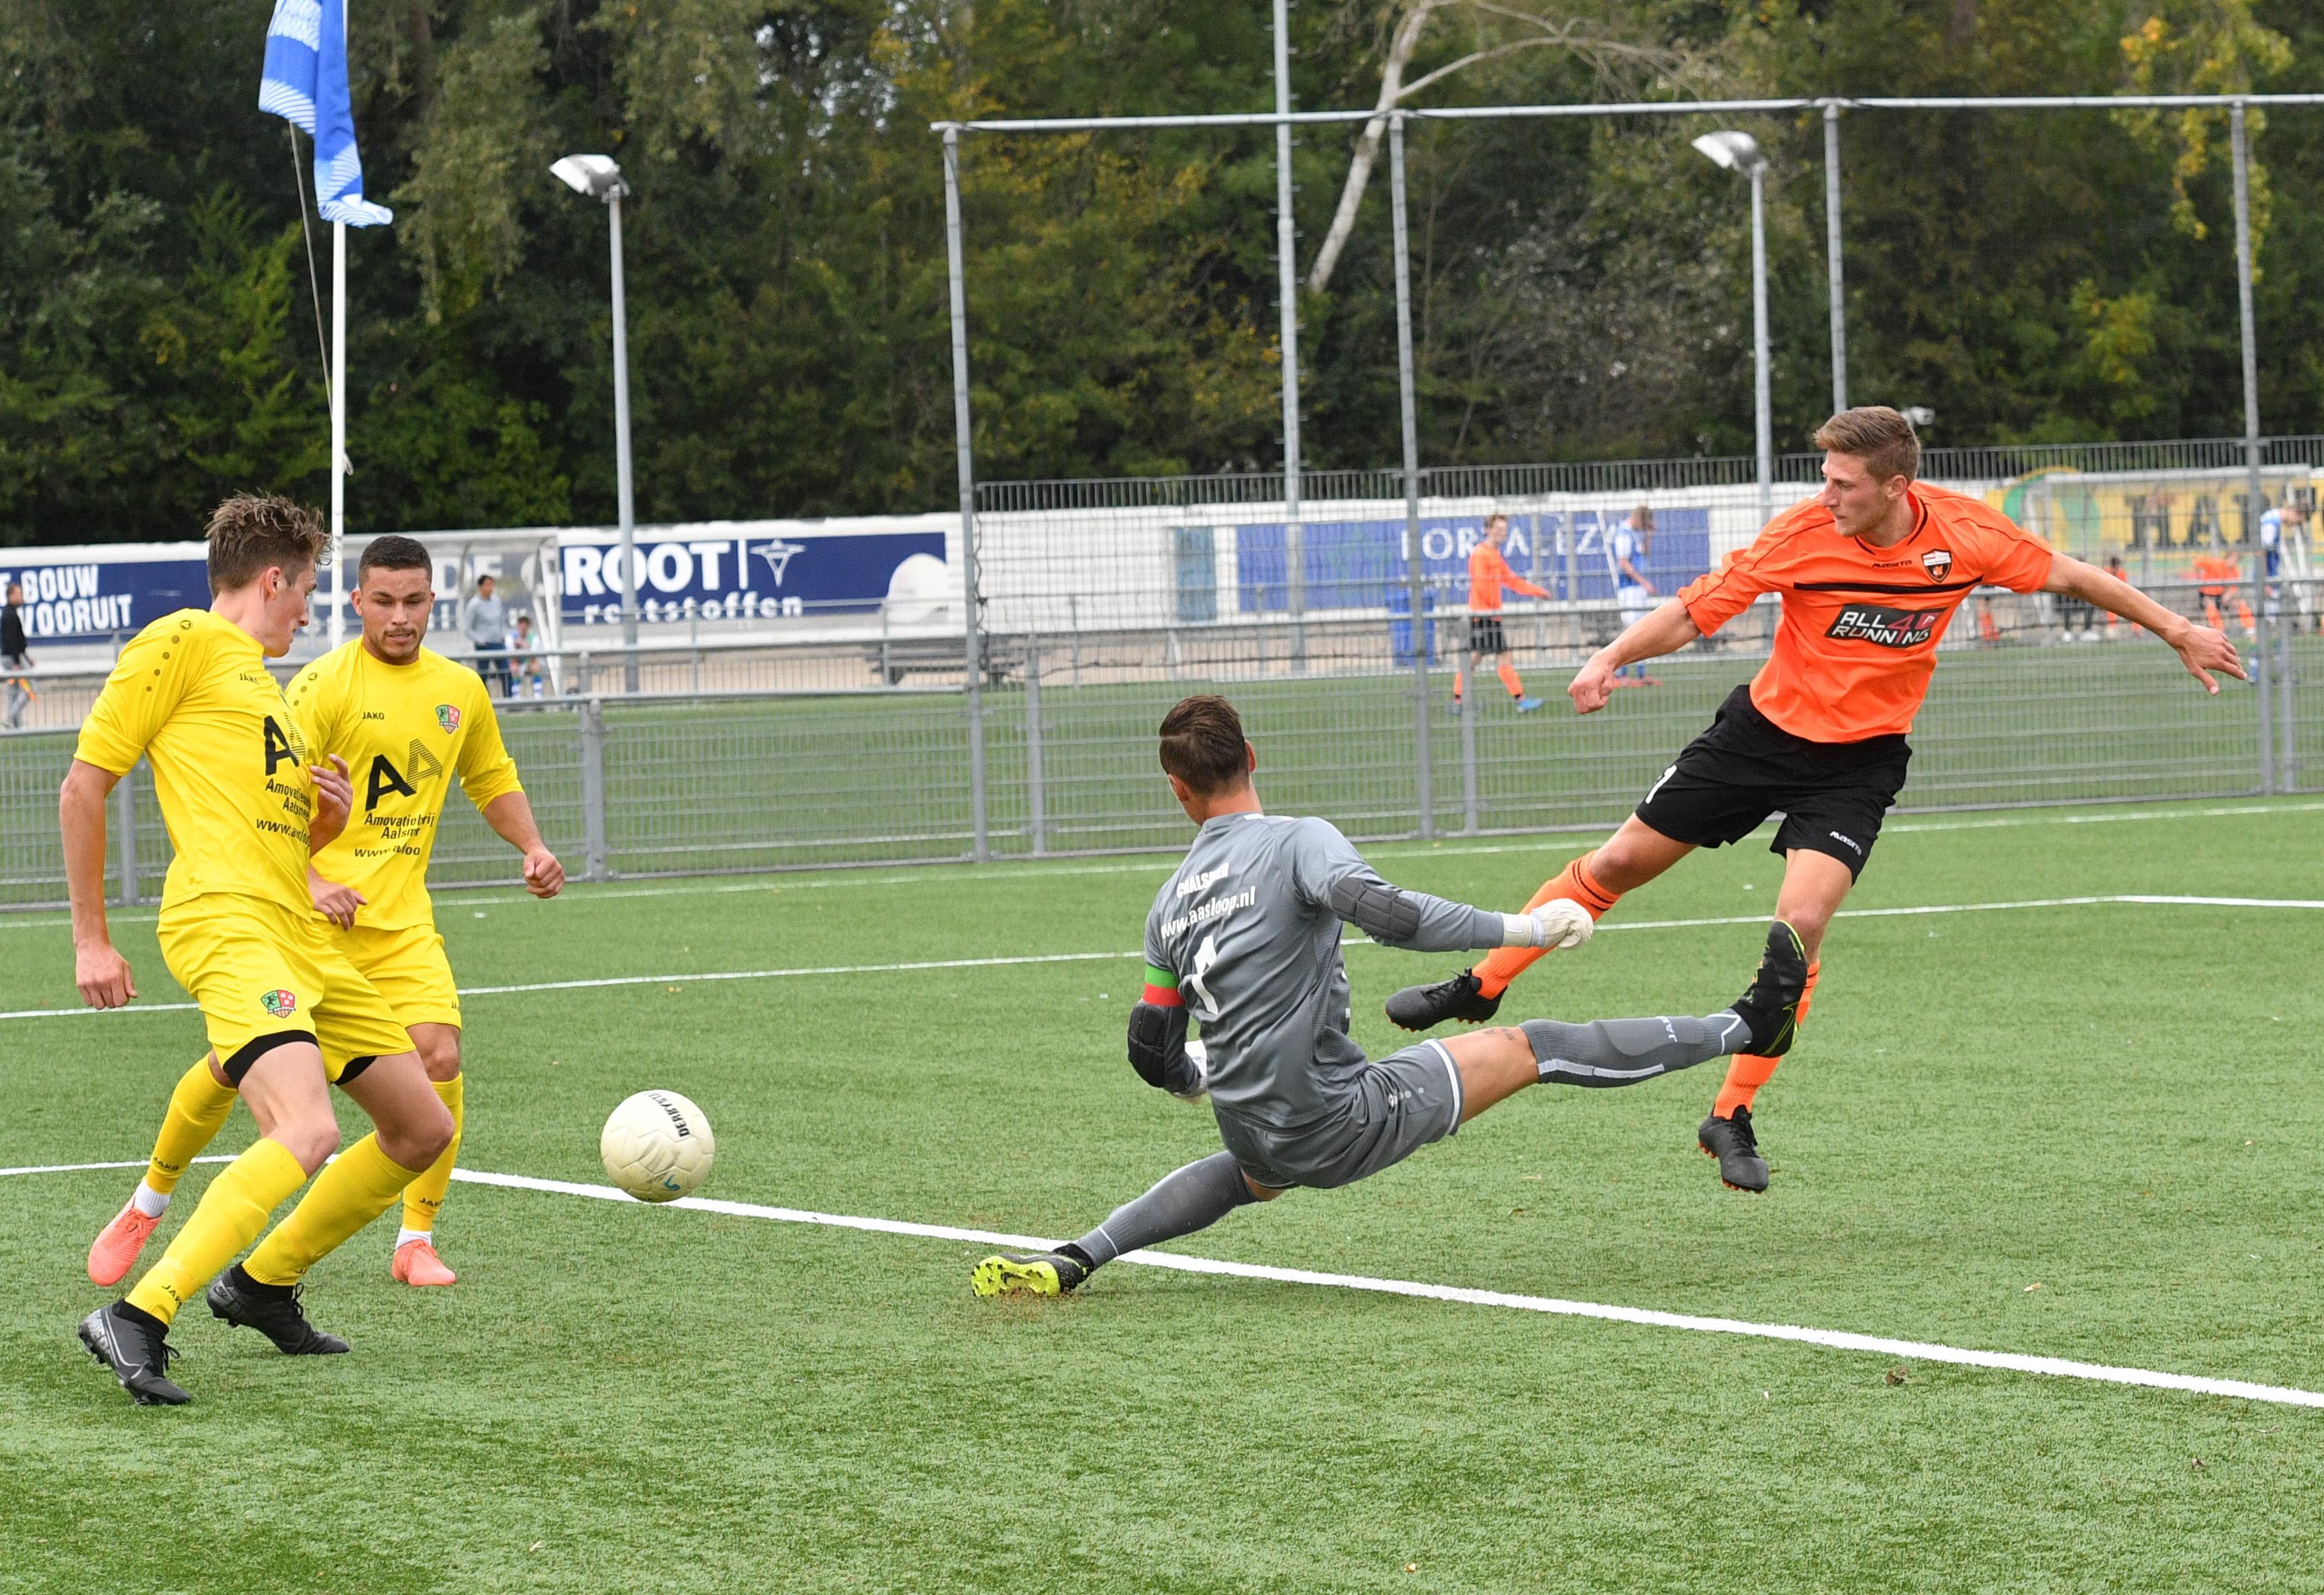 Slotoffensief Aalsmeer kost Jong Holland punt: 'Deze heeft heel erg pijn gedaan'